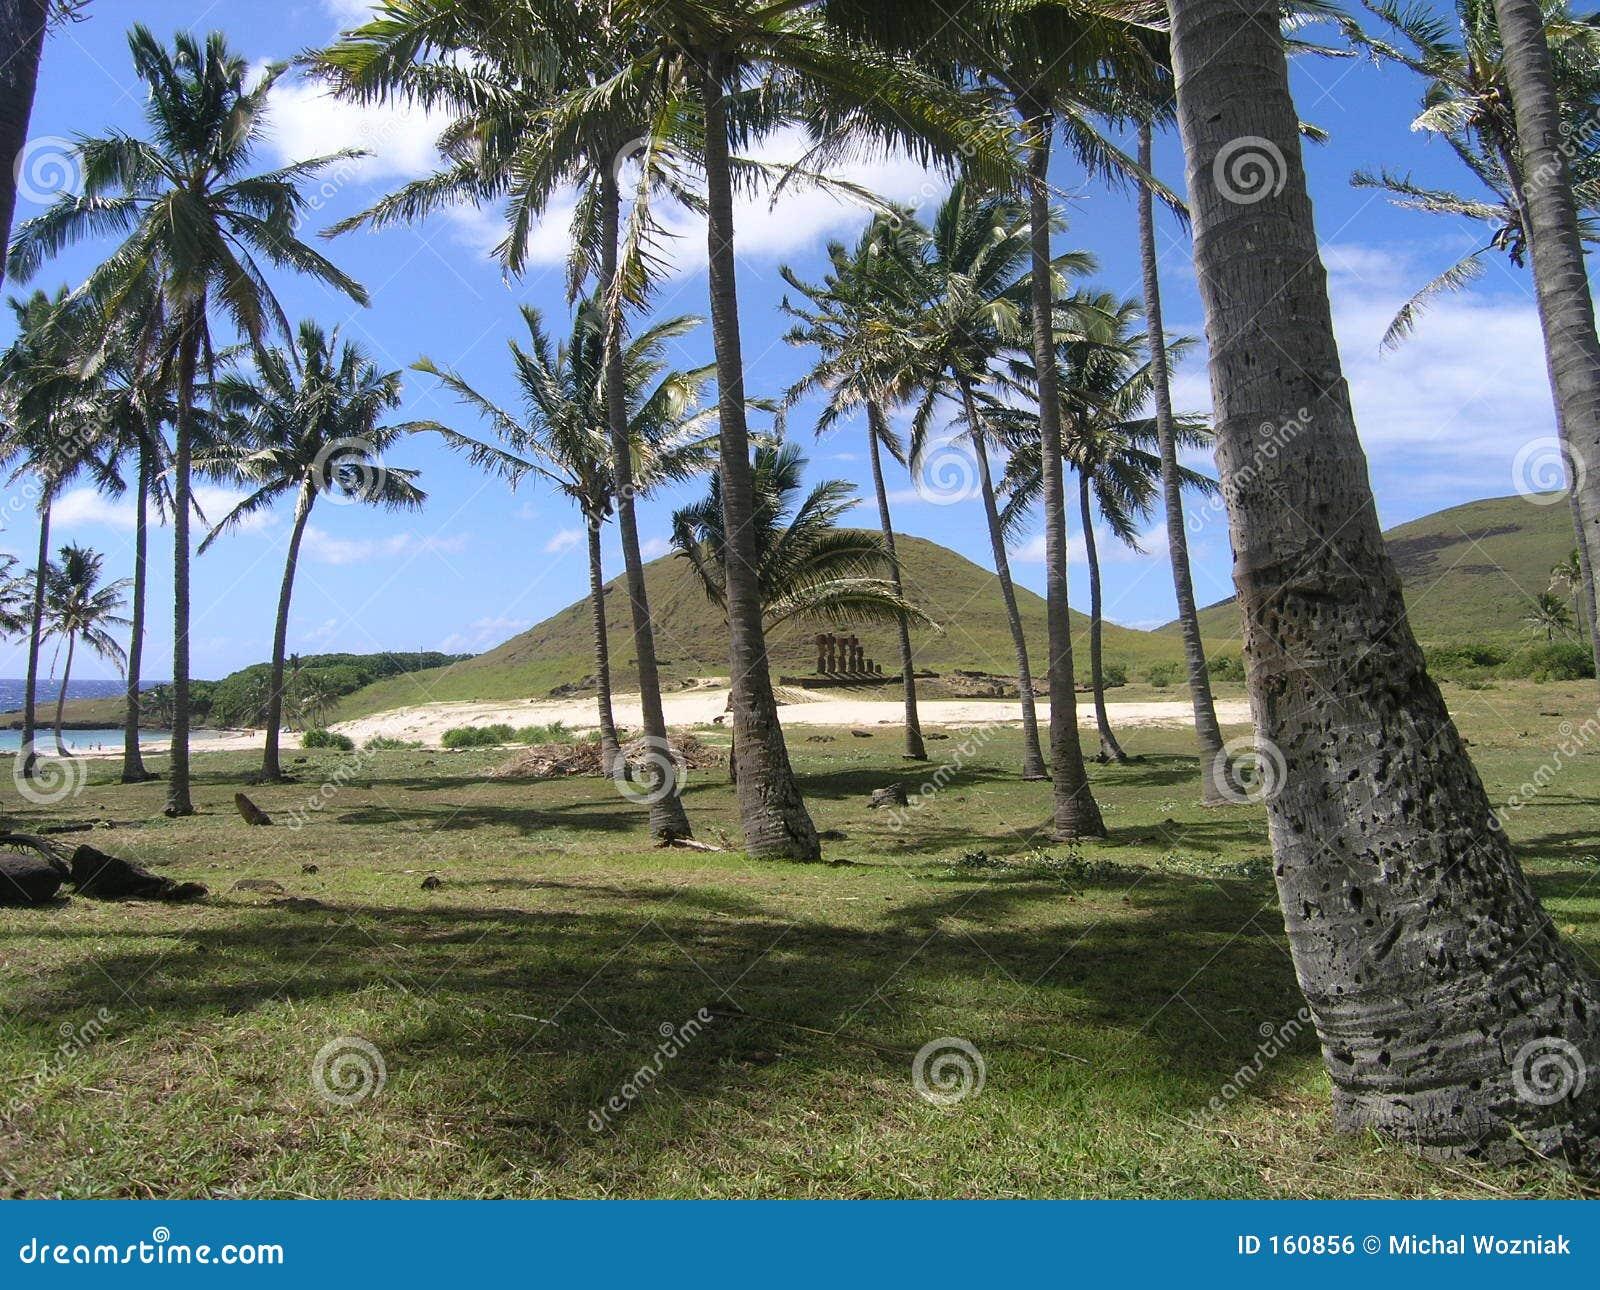 Wielkanoc anakena plażowa wyspę.